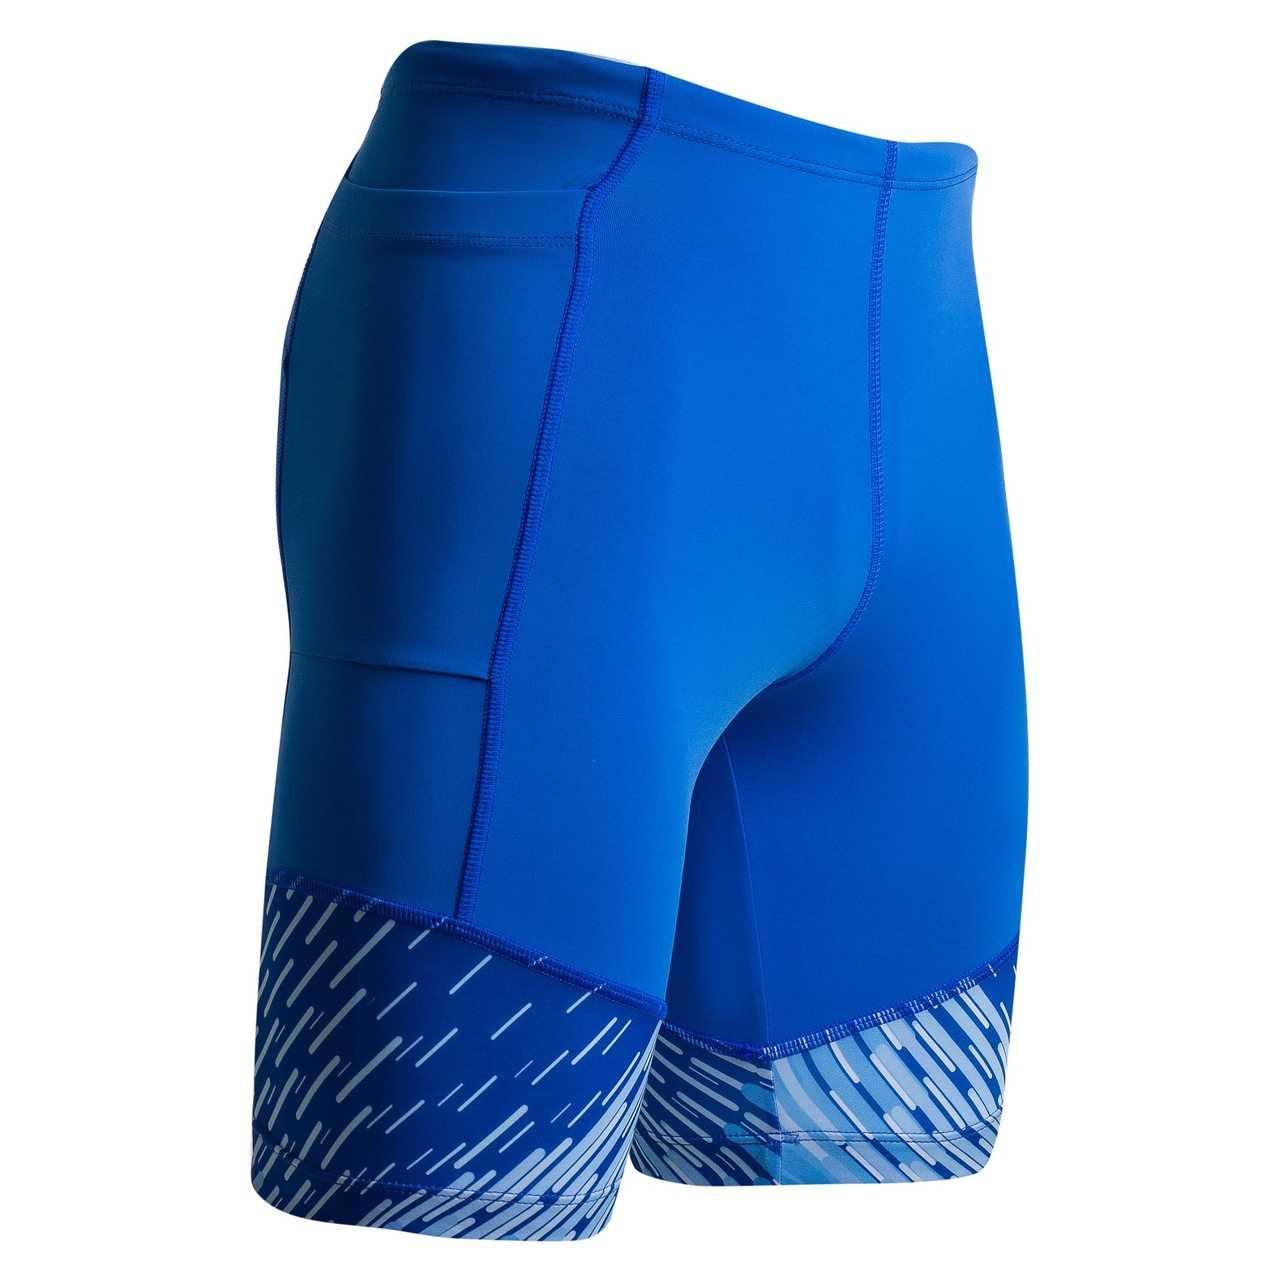 7a31203b72 BERMUDA CORRIDA MASCULINO (BLUE RAIN) - Torksport